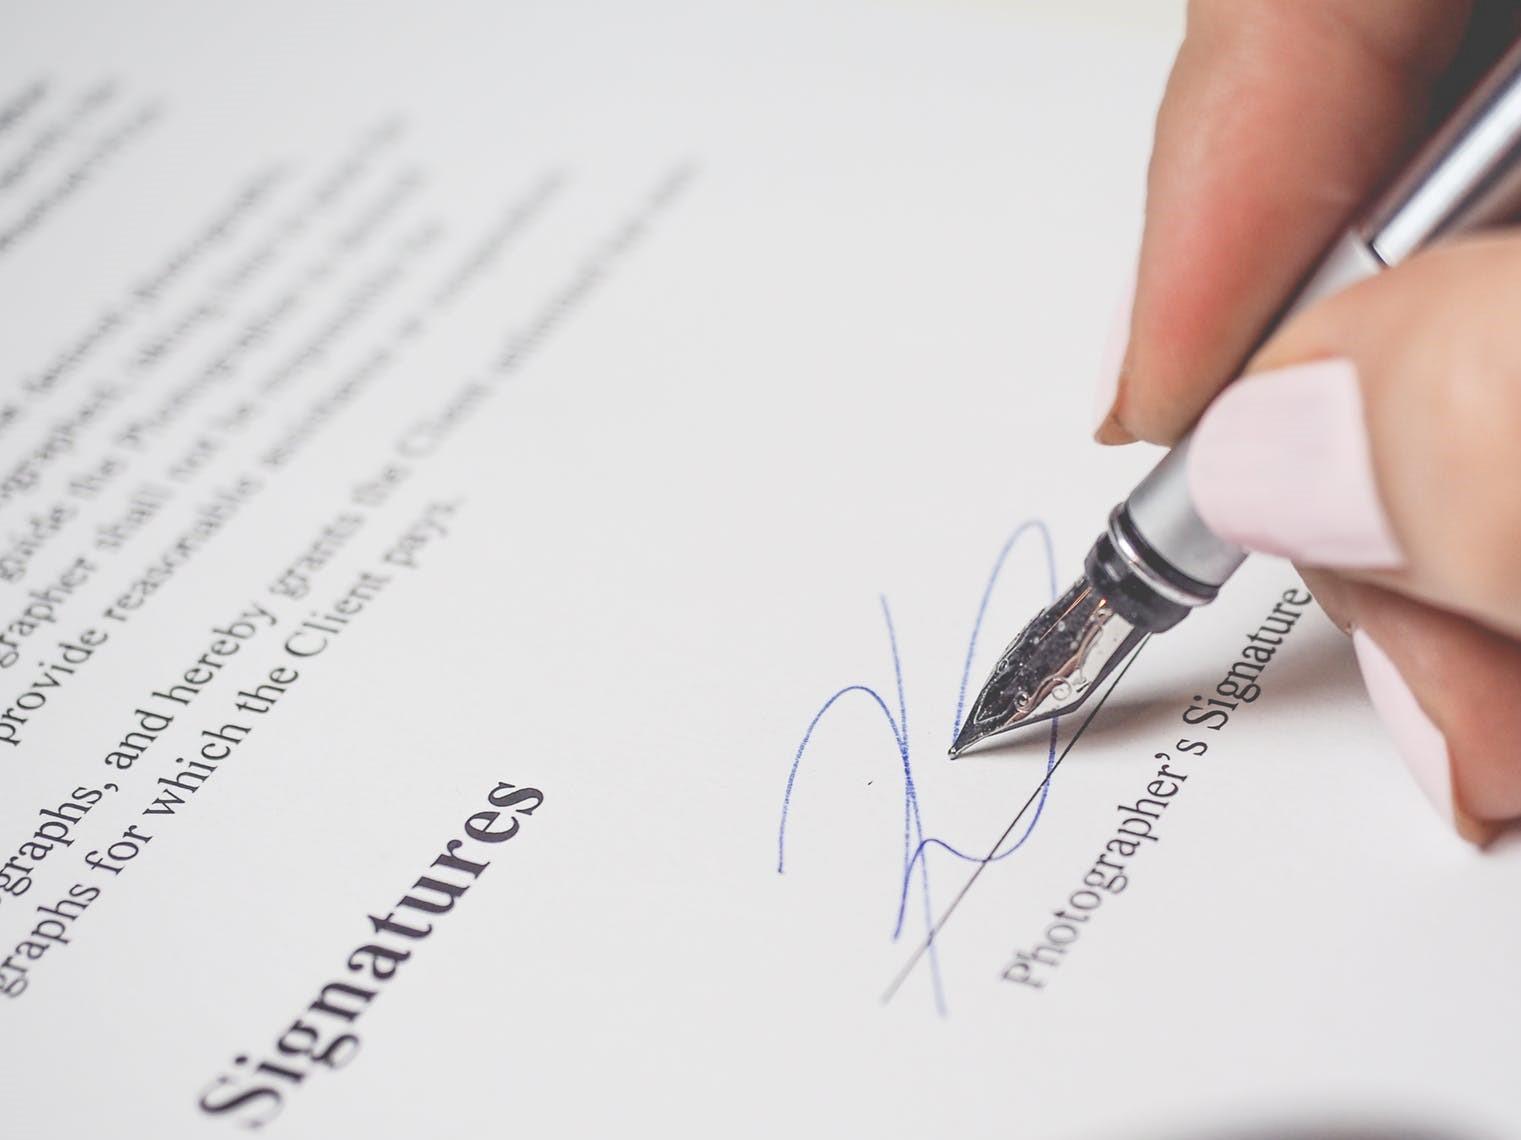 Le Décret 2020-1310 du 29.10.2020 autorise la réception des  clients pour la signature des actes.